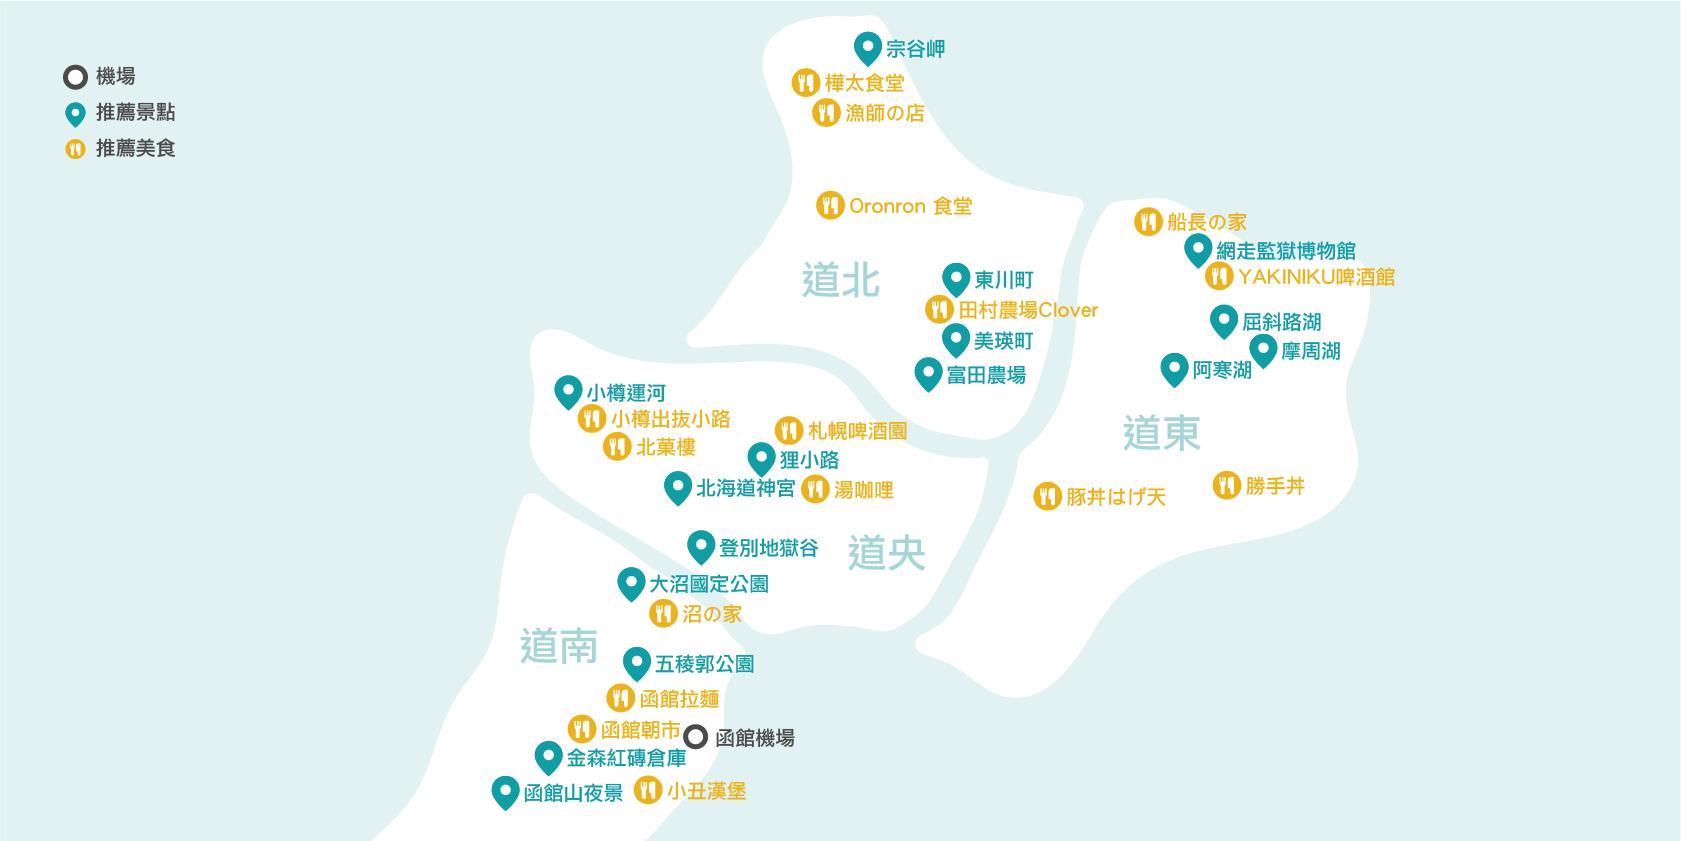 【北海道自由行】2017必去の北海道景點,搭配高 CP 值的北海道民宿推薦,洞爺湖,因此與其讓惱人的交通搞得你一個頭兩個大,美瑛,美食及北海道住宿攻略 AsiaYo